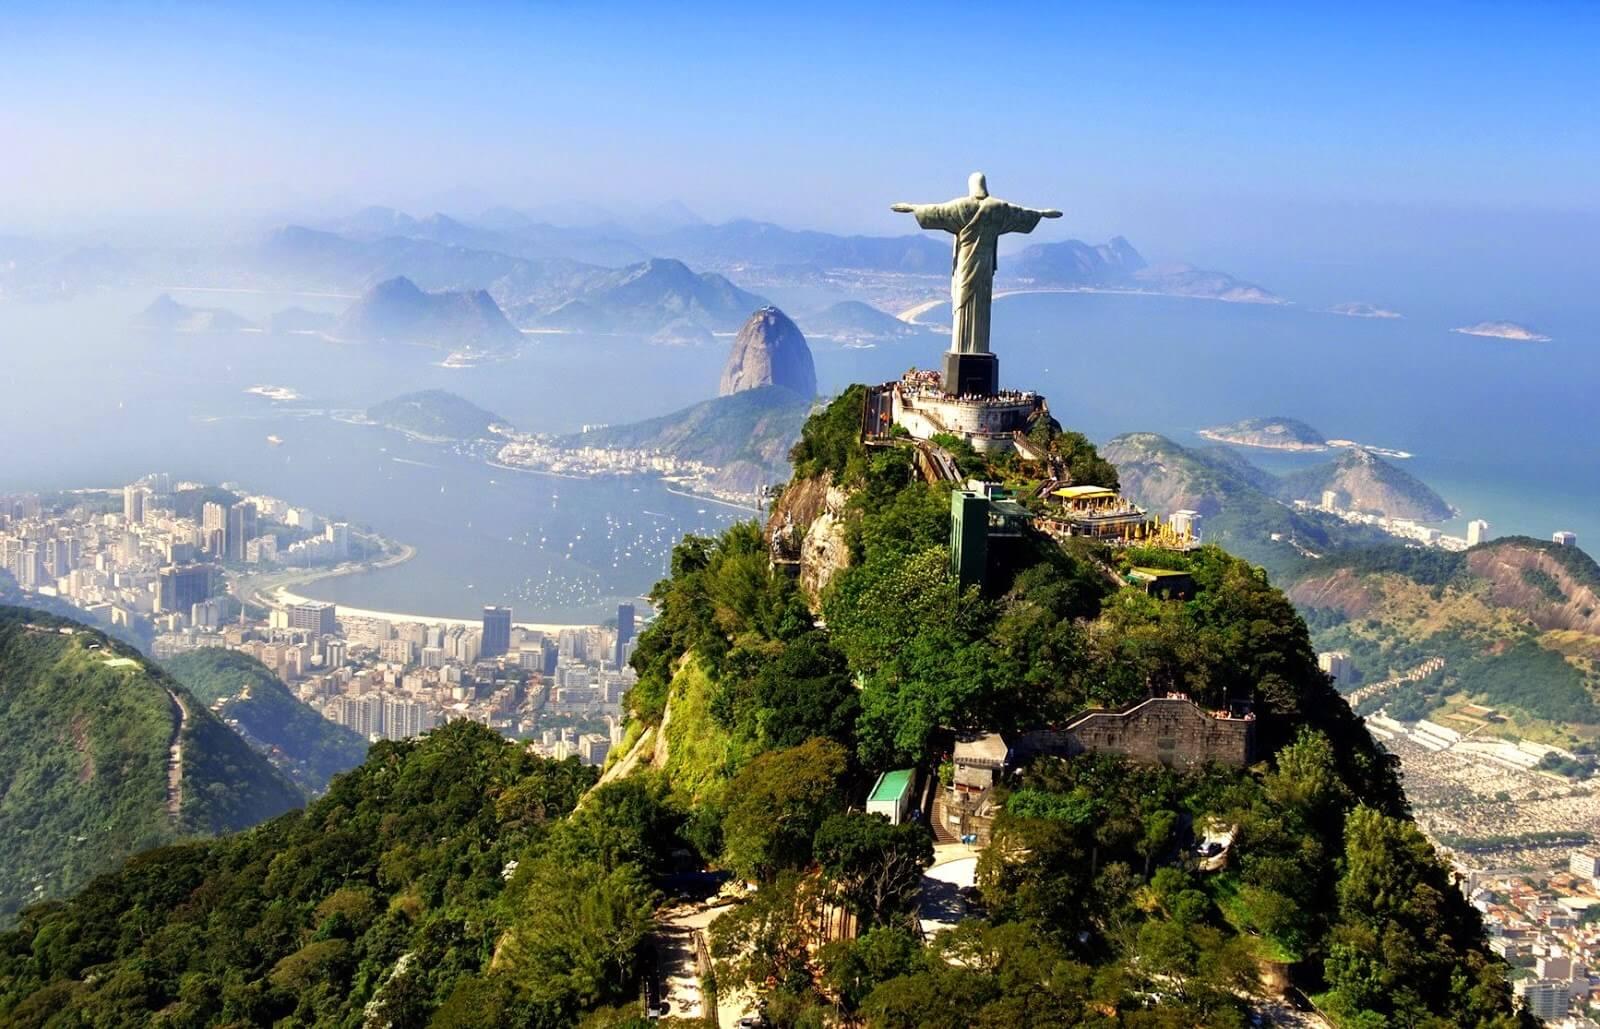 Статуя Христа-Искупителя в Бразилии 2